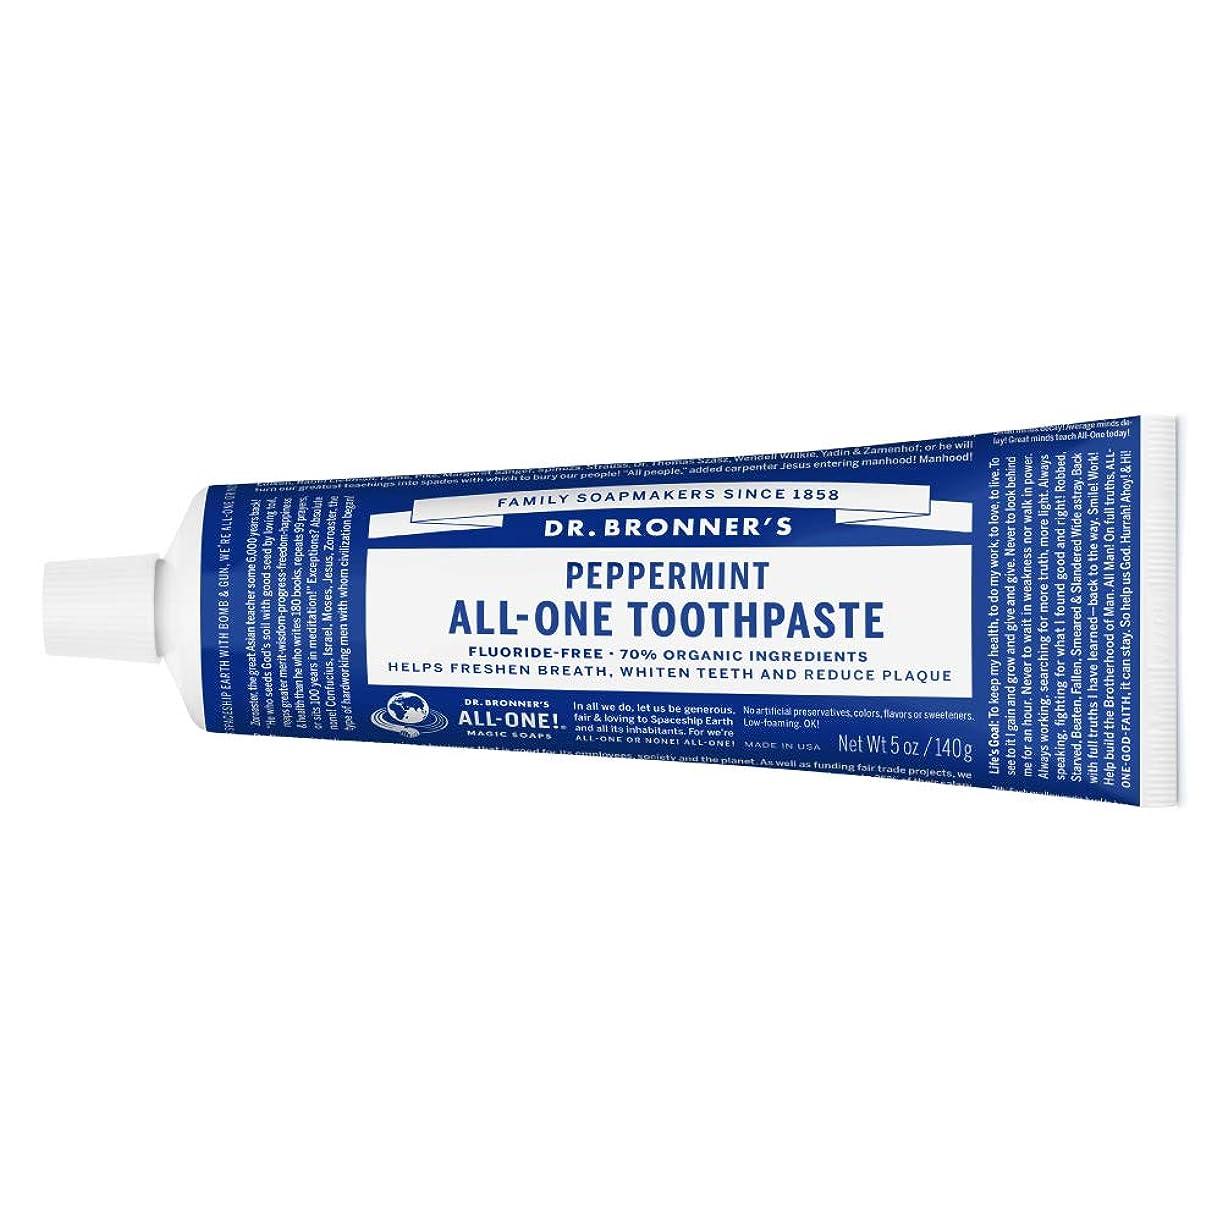 スポーツ血統ページェントドクターブロナー オールワントゥースペースト PE(ペパーミント) 歯磨き粉